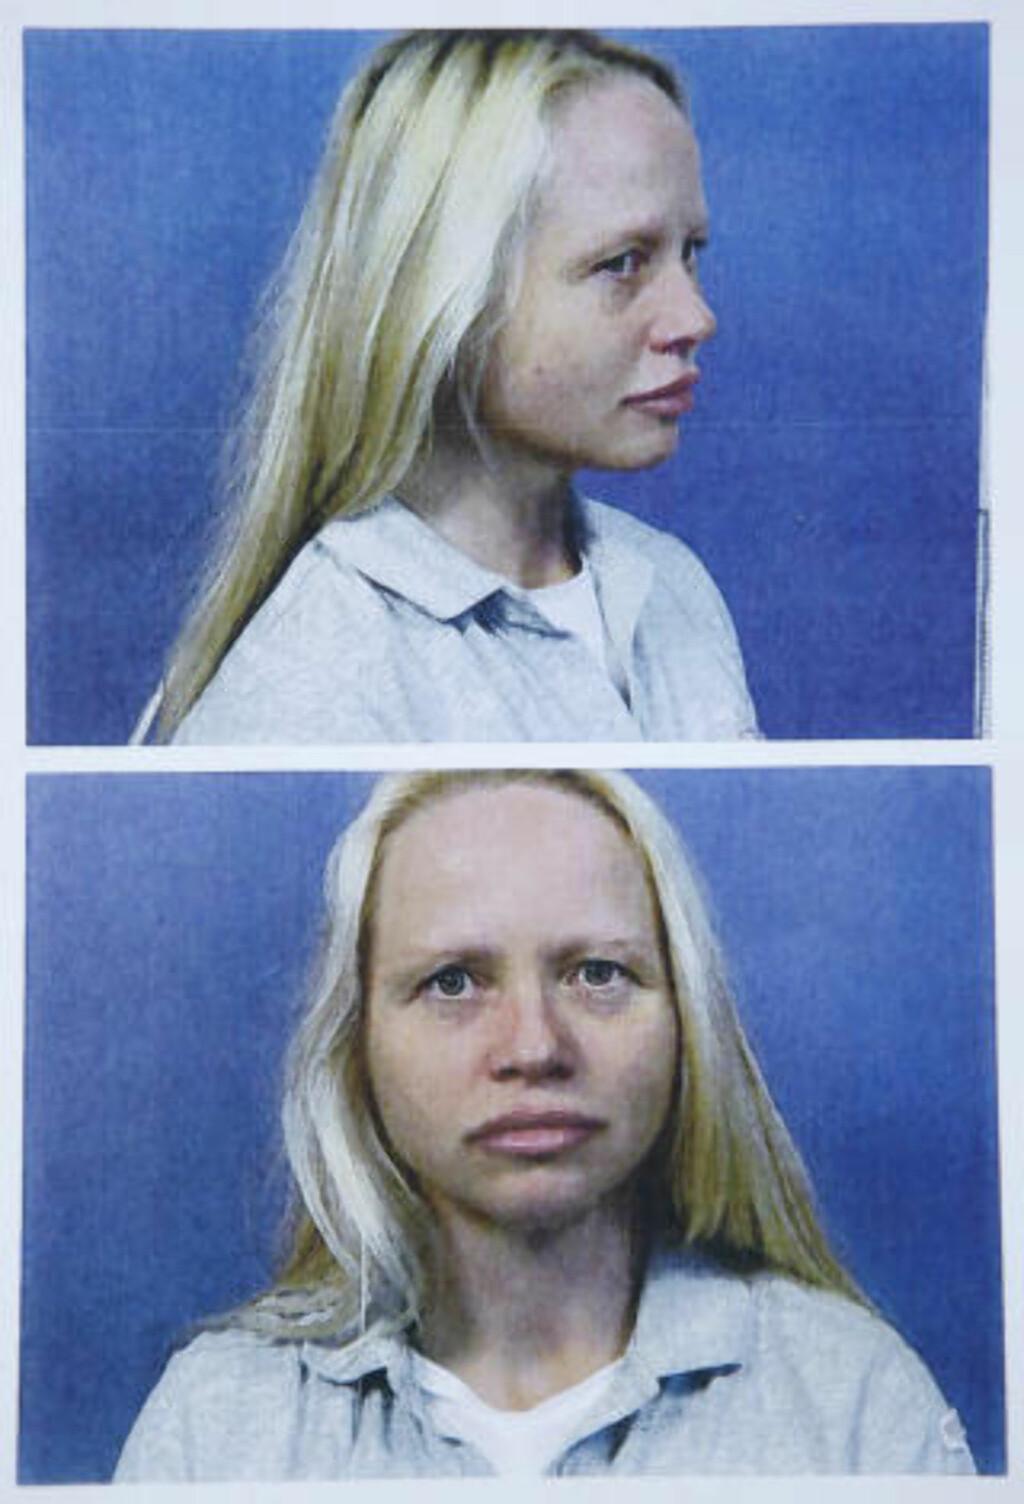 FØR OPERASJONEN: Slik så Laila Bergsli ut før operasjonen. Foto: Steinar Buholm